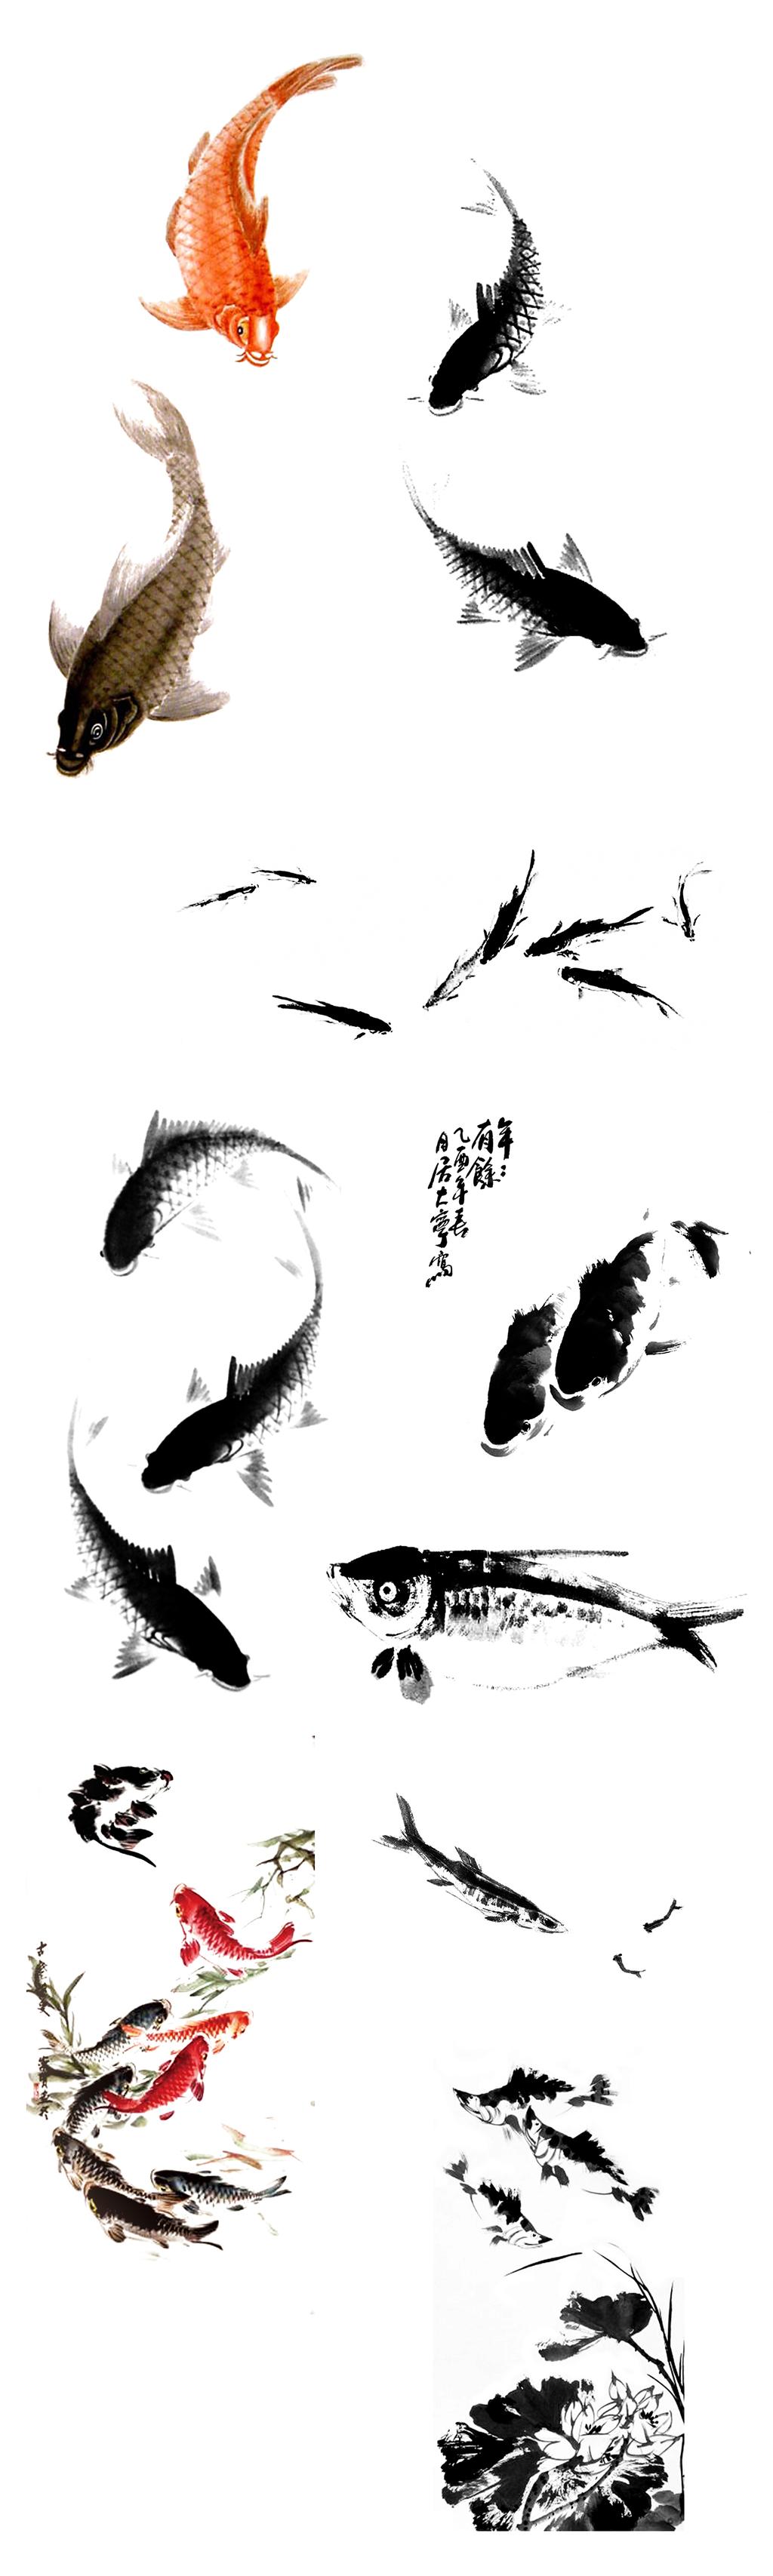 中国风手绘水墨鱼设计元素